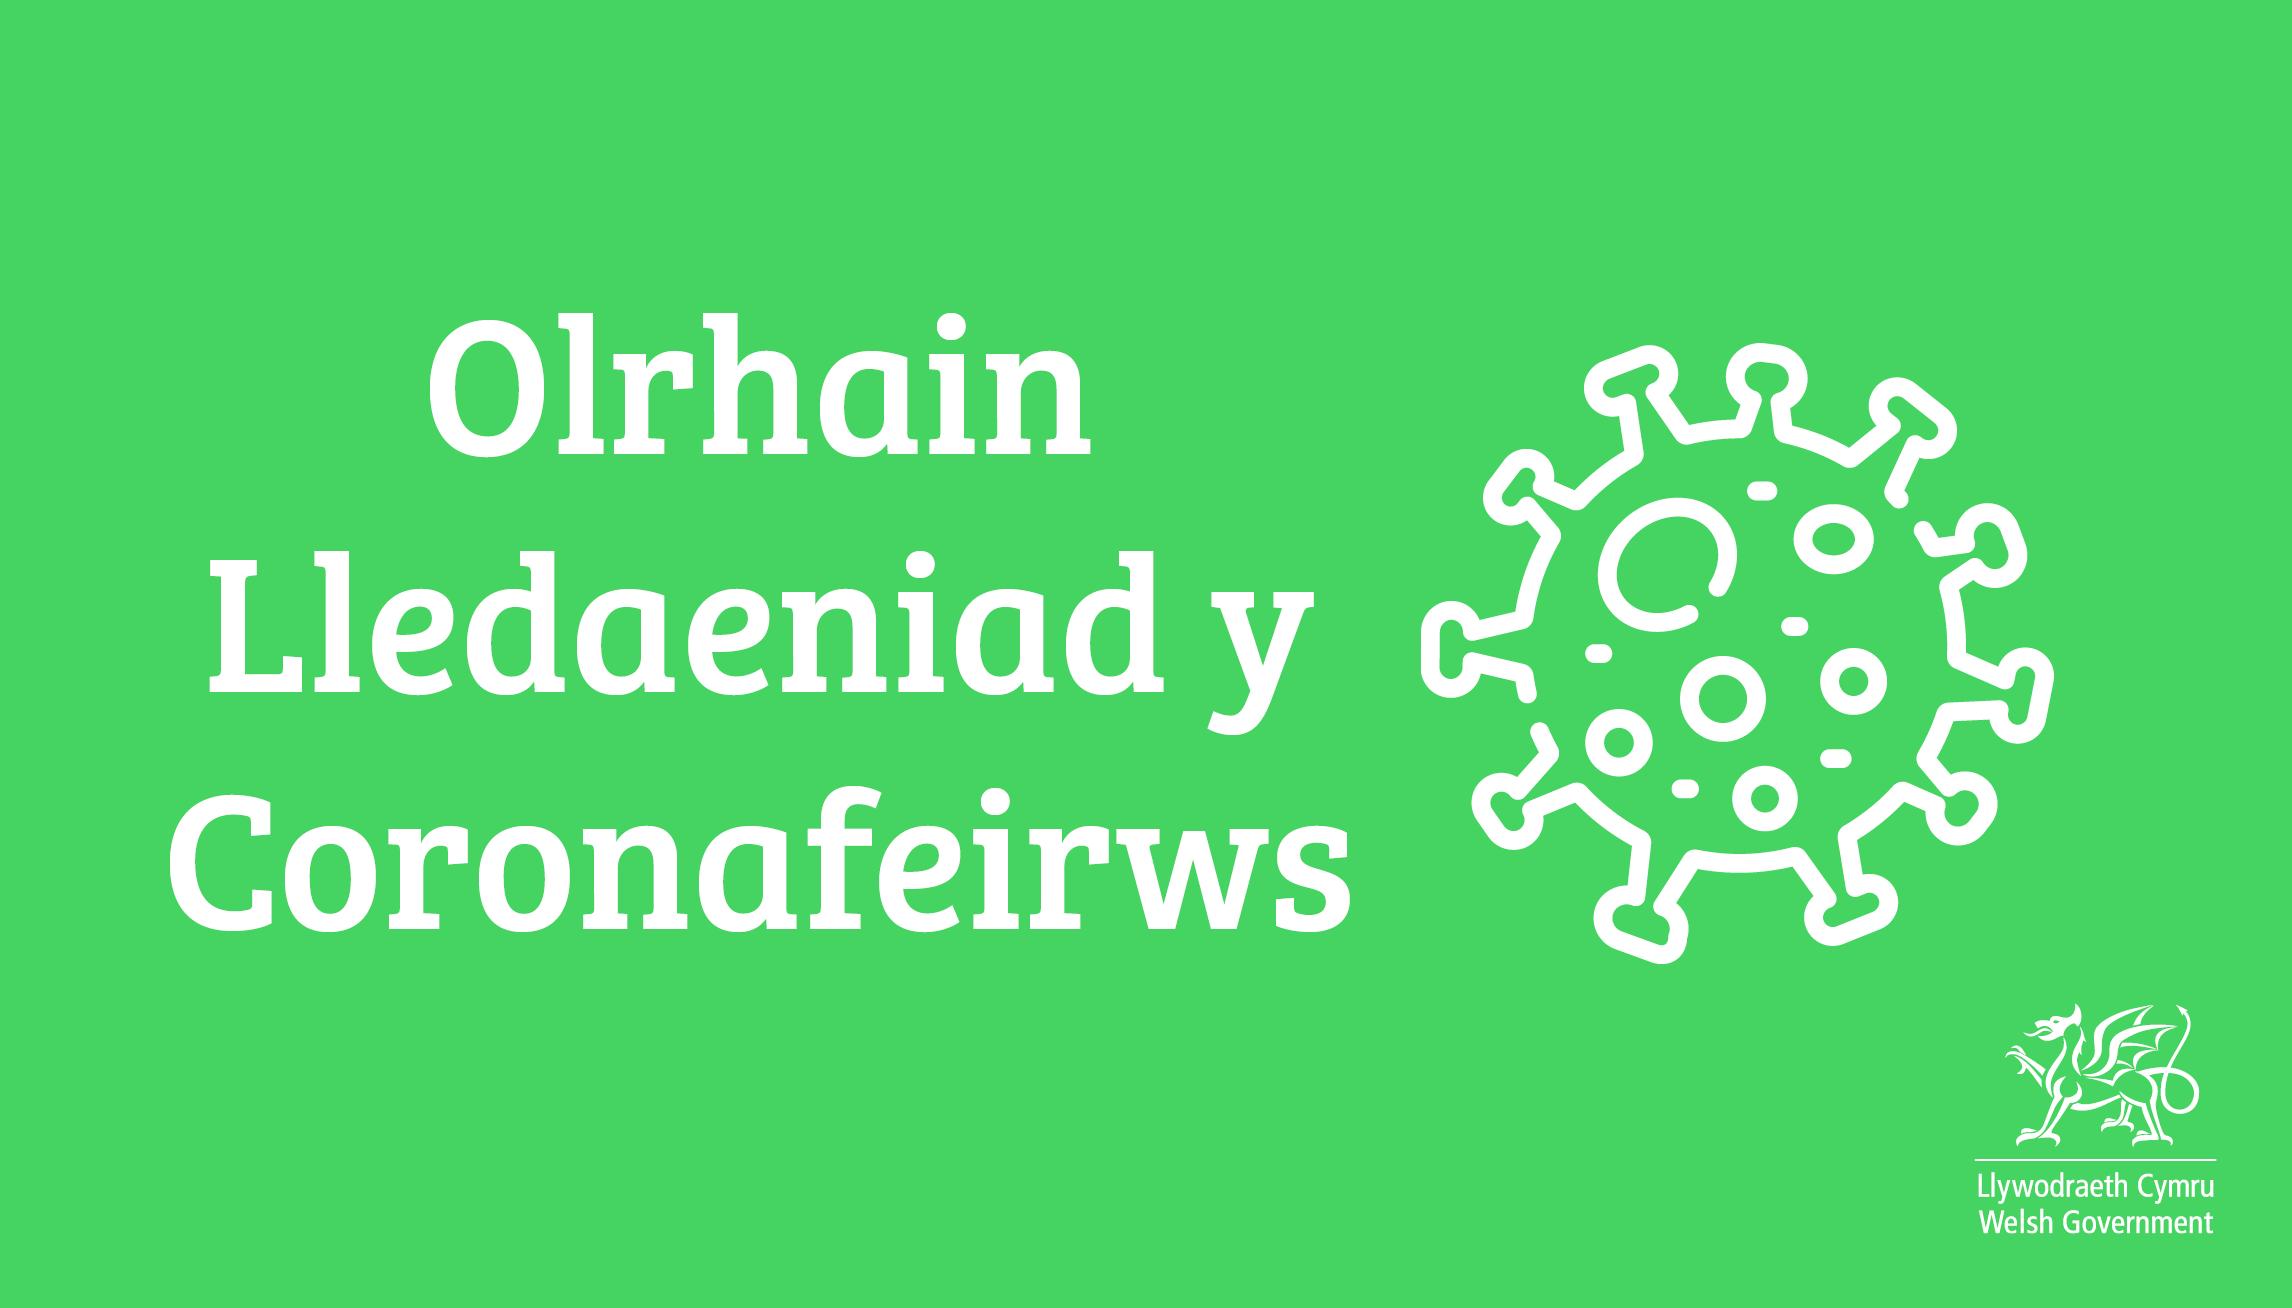 Olrhain Lledaeniad y Coronafeirws